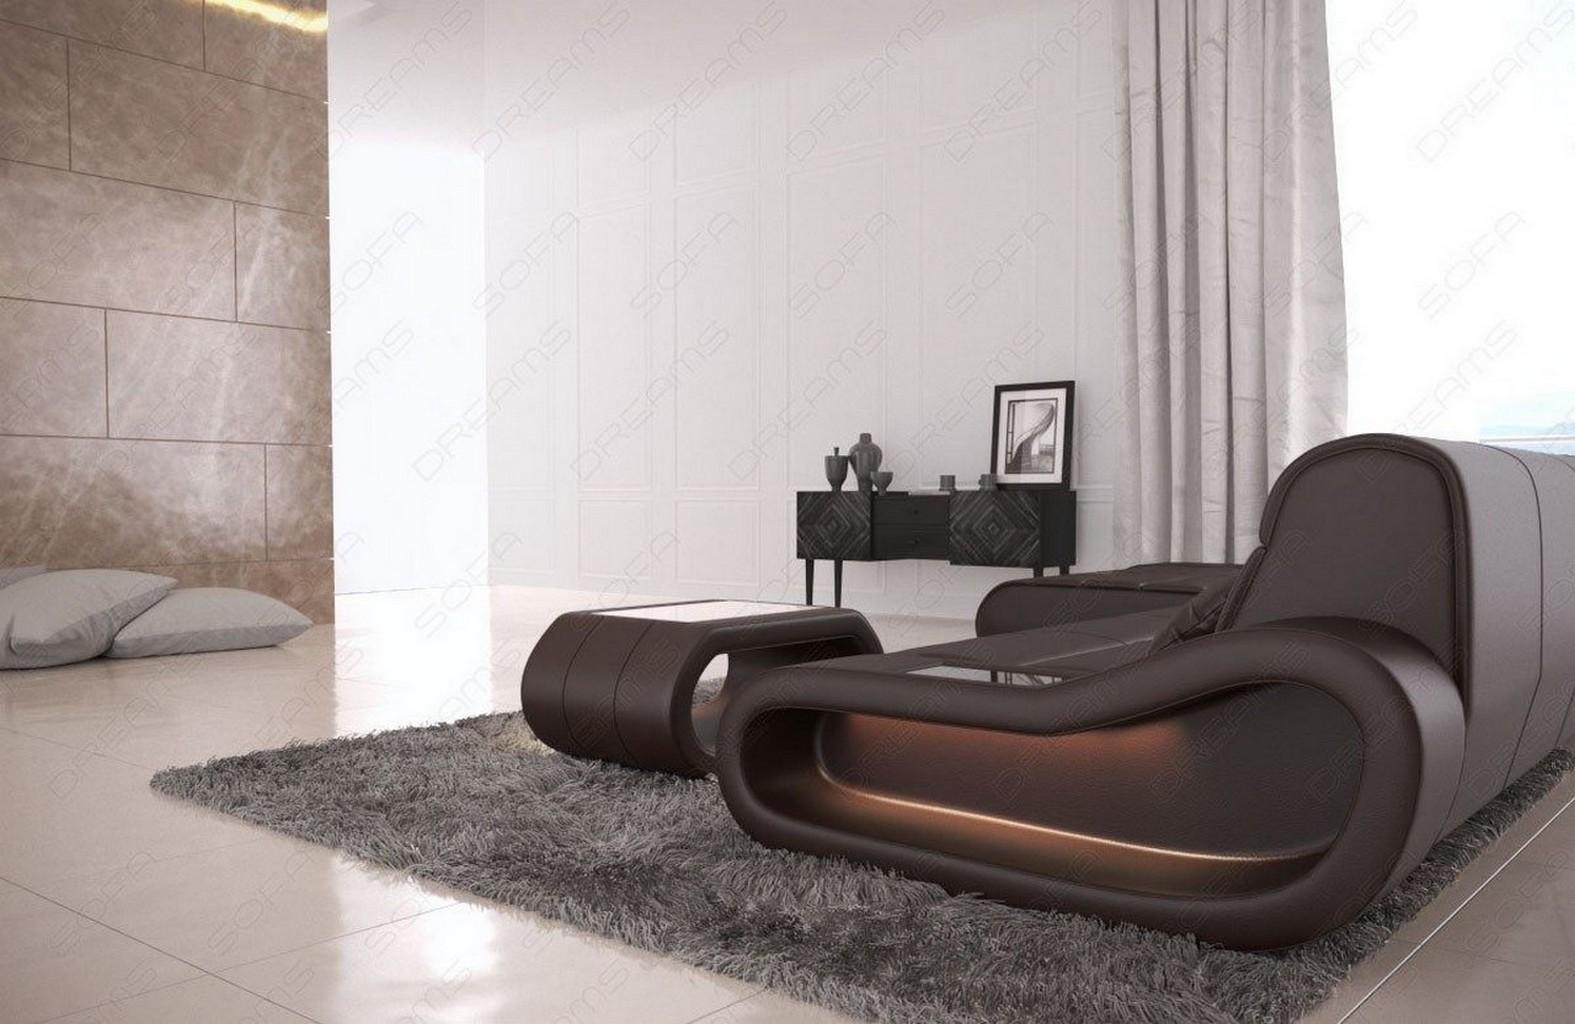 leder couch designer sofa ottomane concept l form lang beleuchtung dunkelbraun ebay. Black Bedroom Furniture Sets. Home Design Ideas